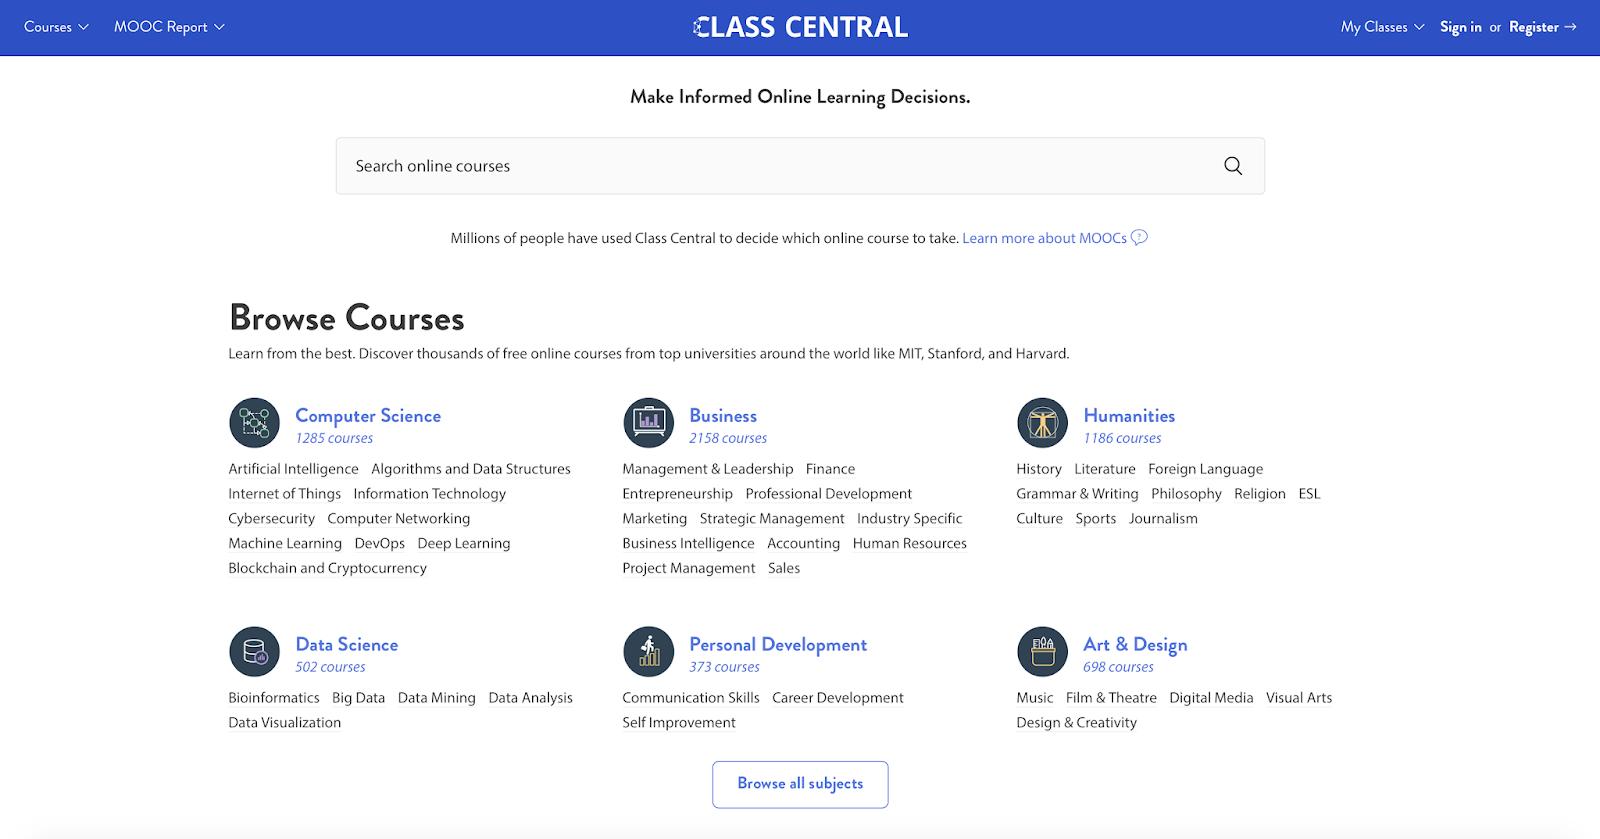 Ucretsiz Online Egitimler ClassCentral.com